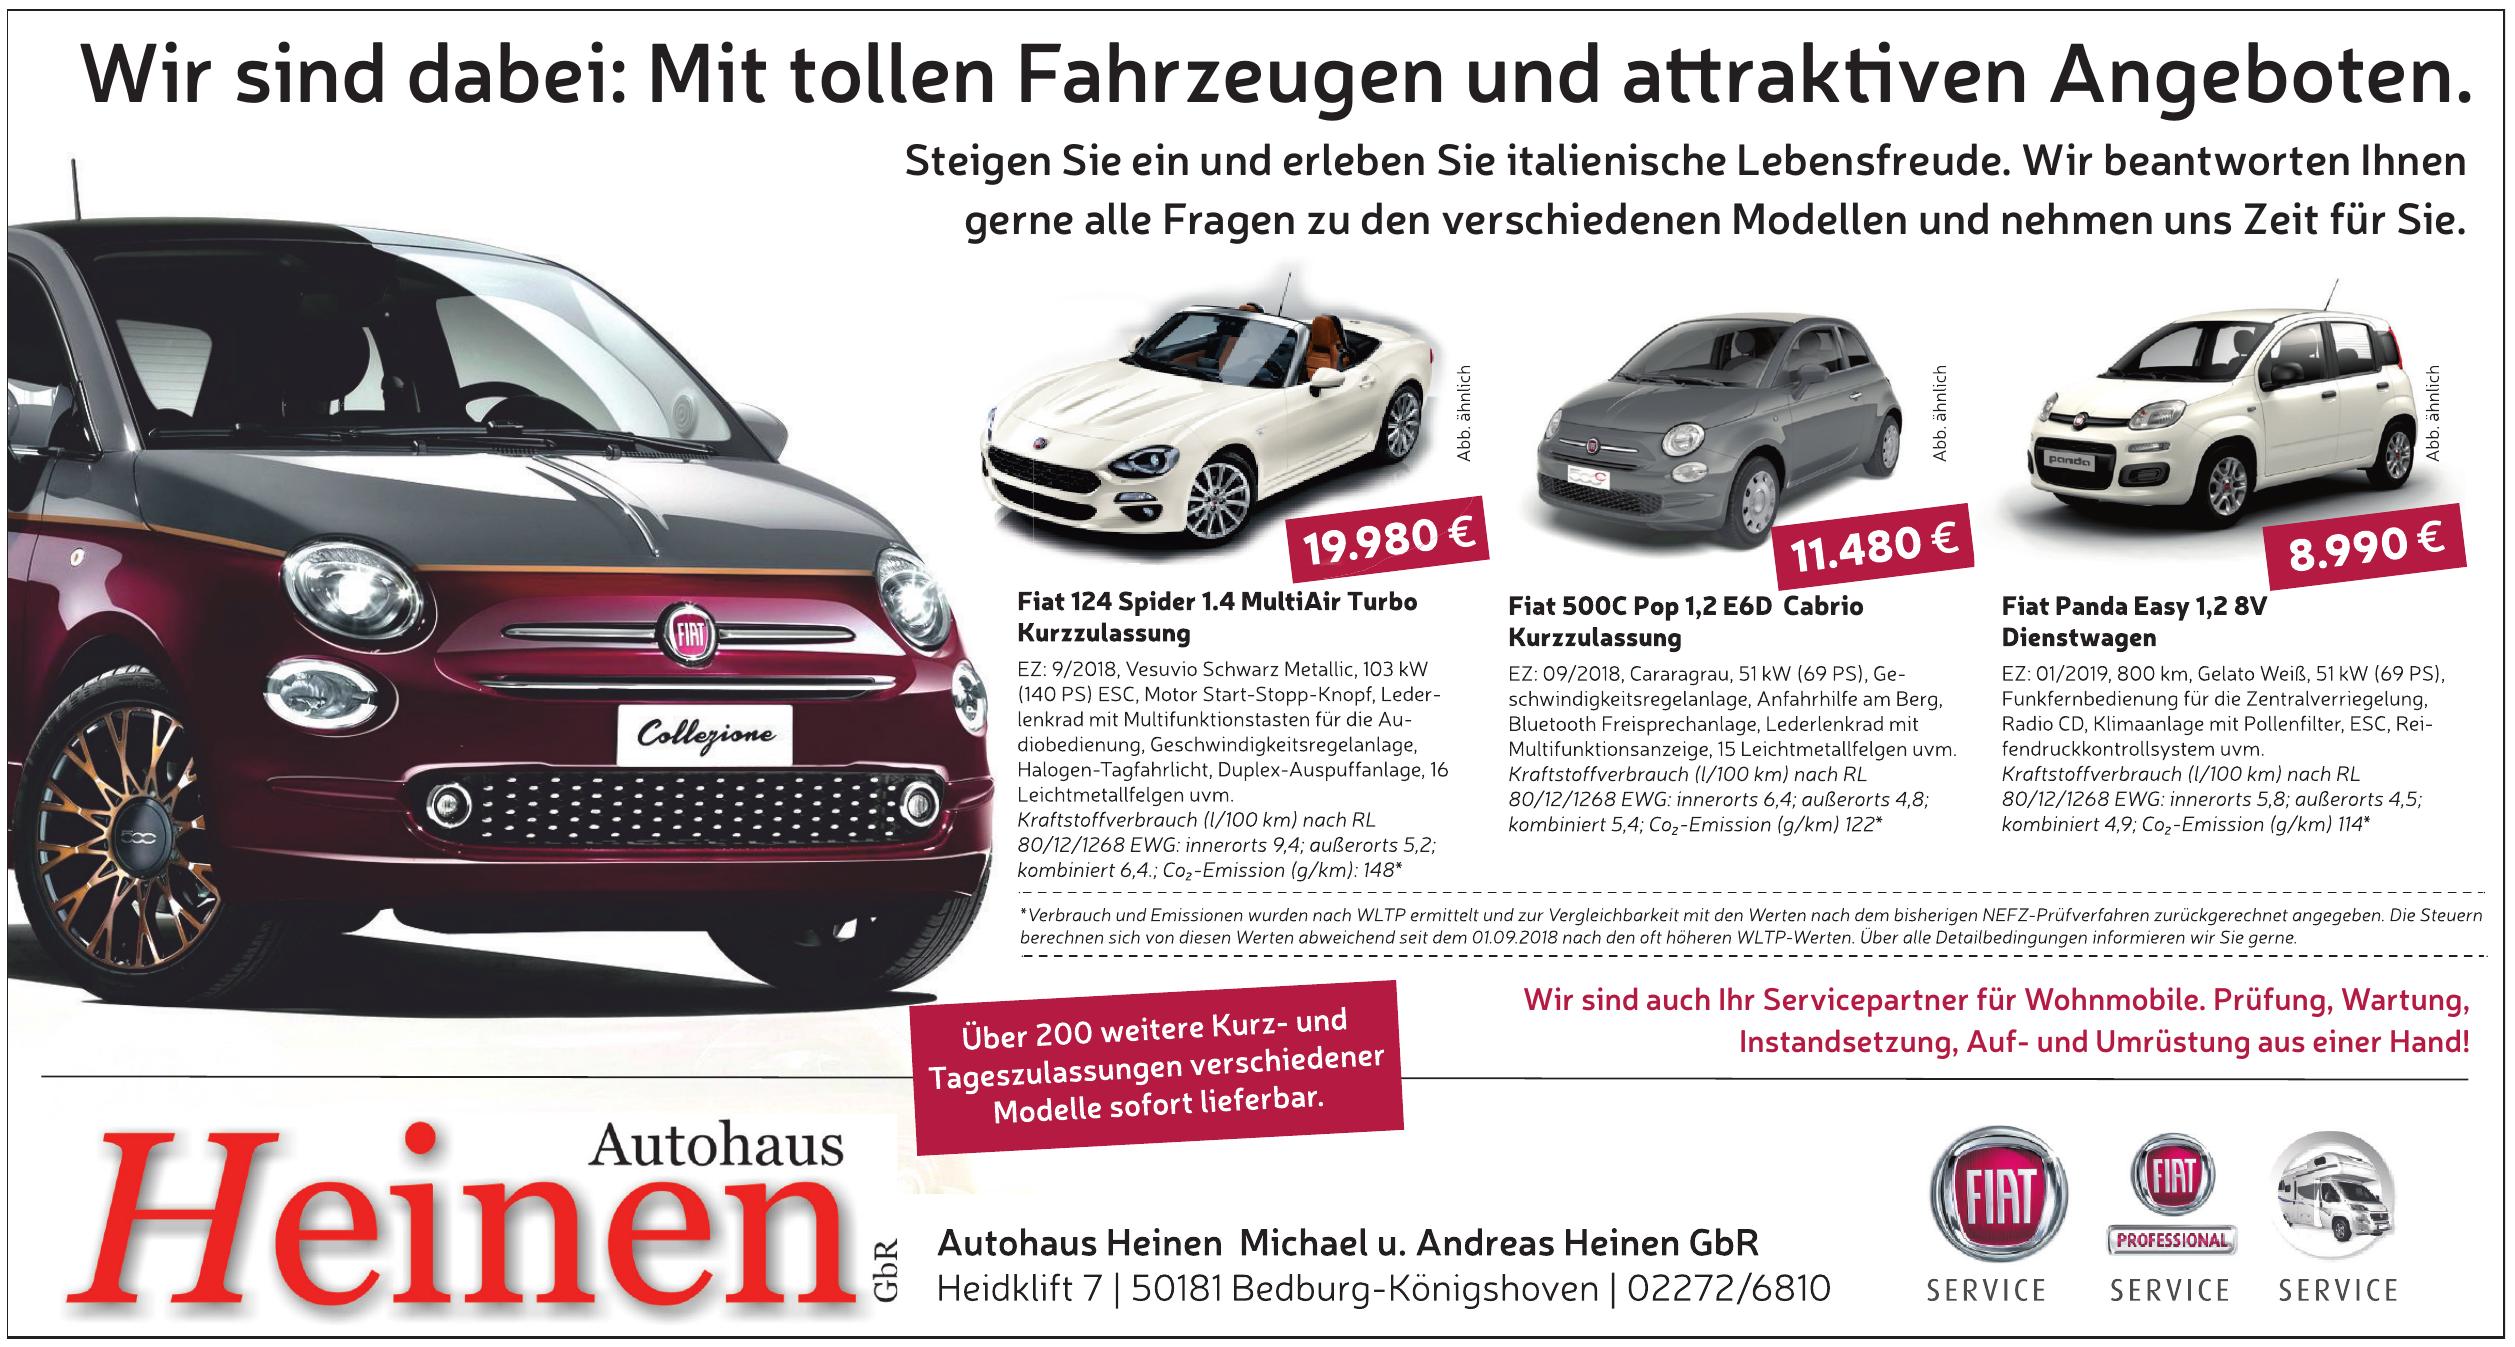 Autohaus Heinen GbR